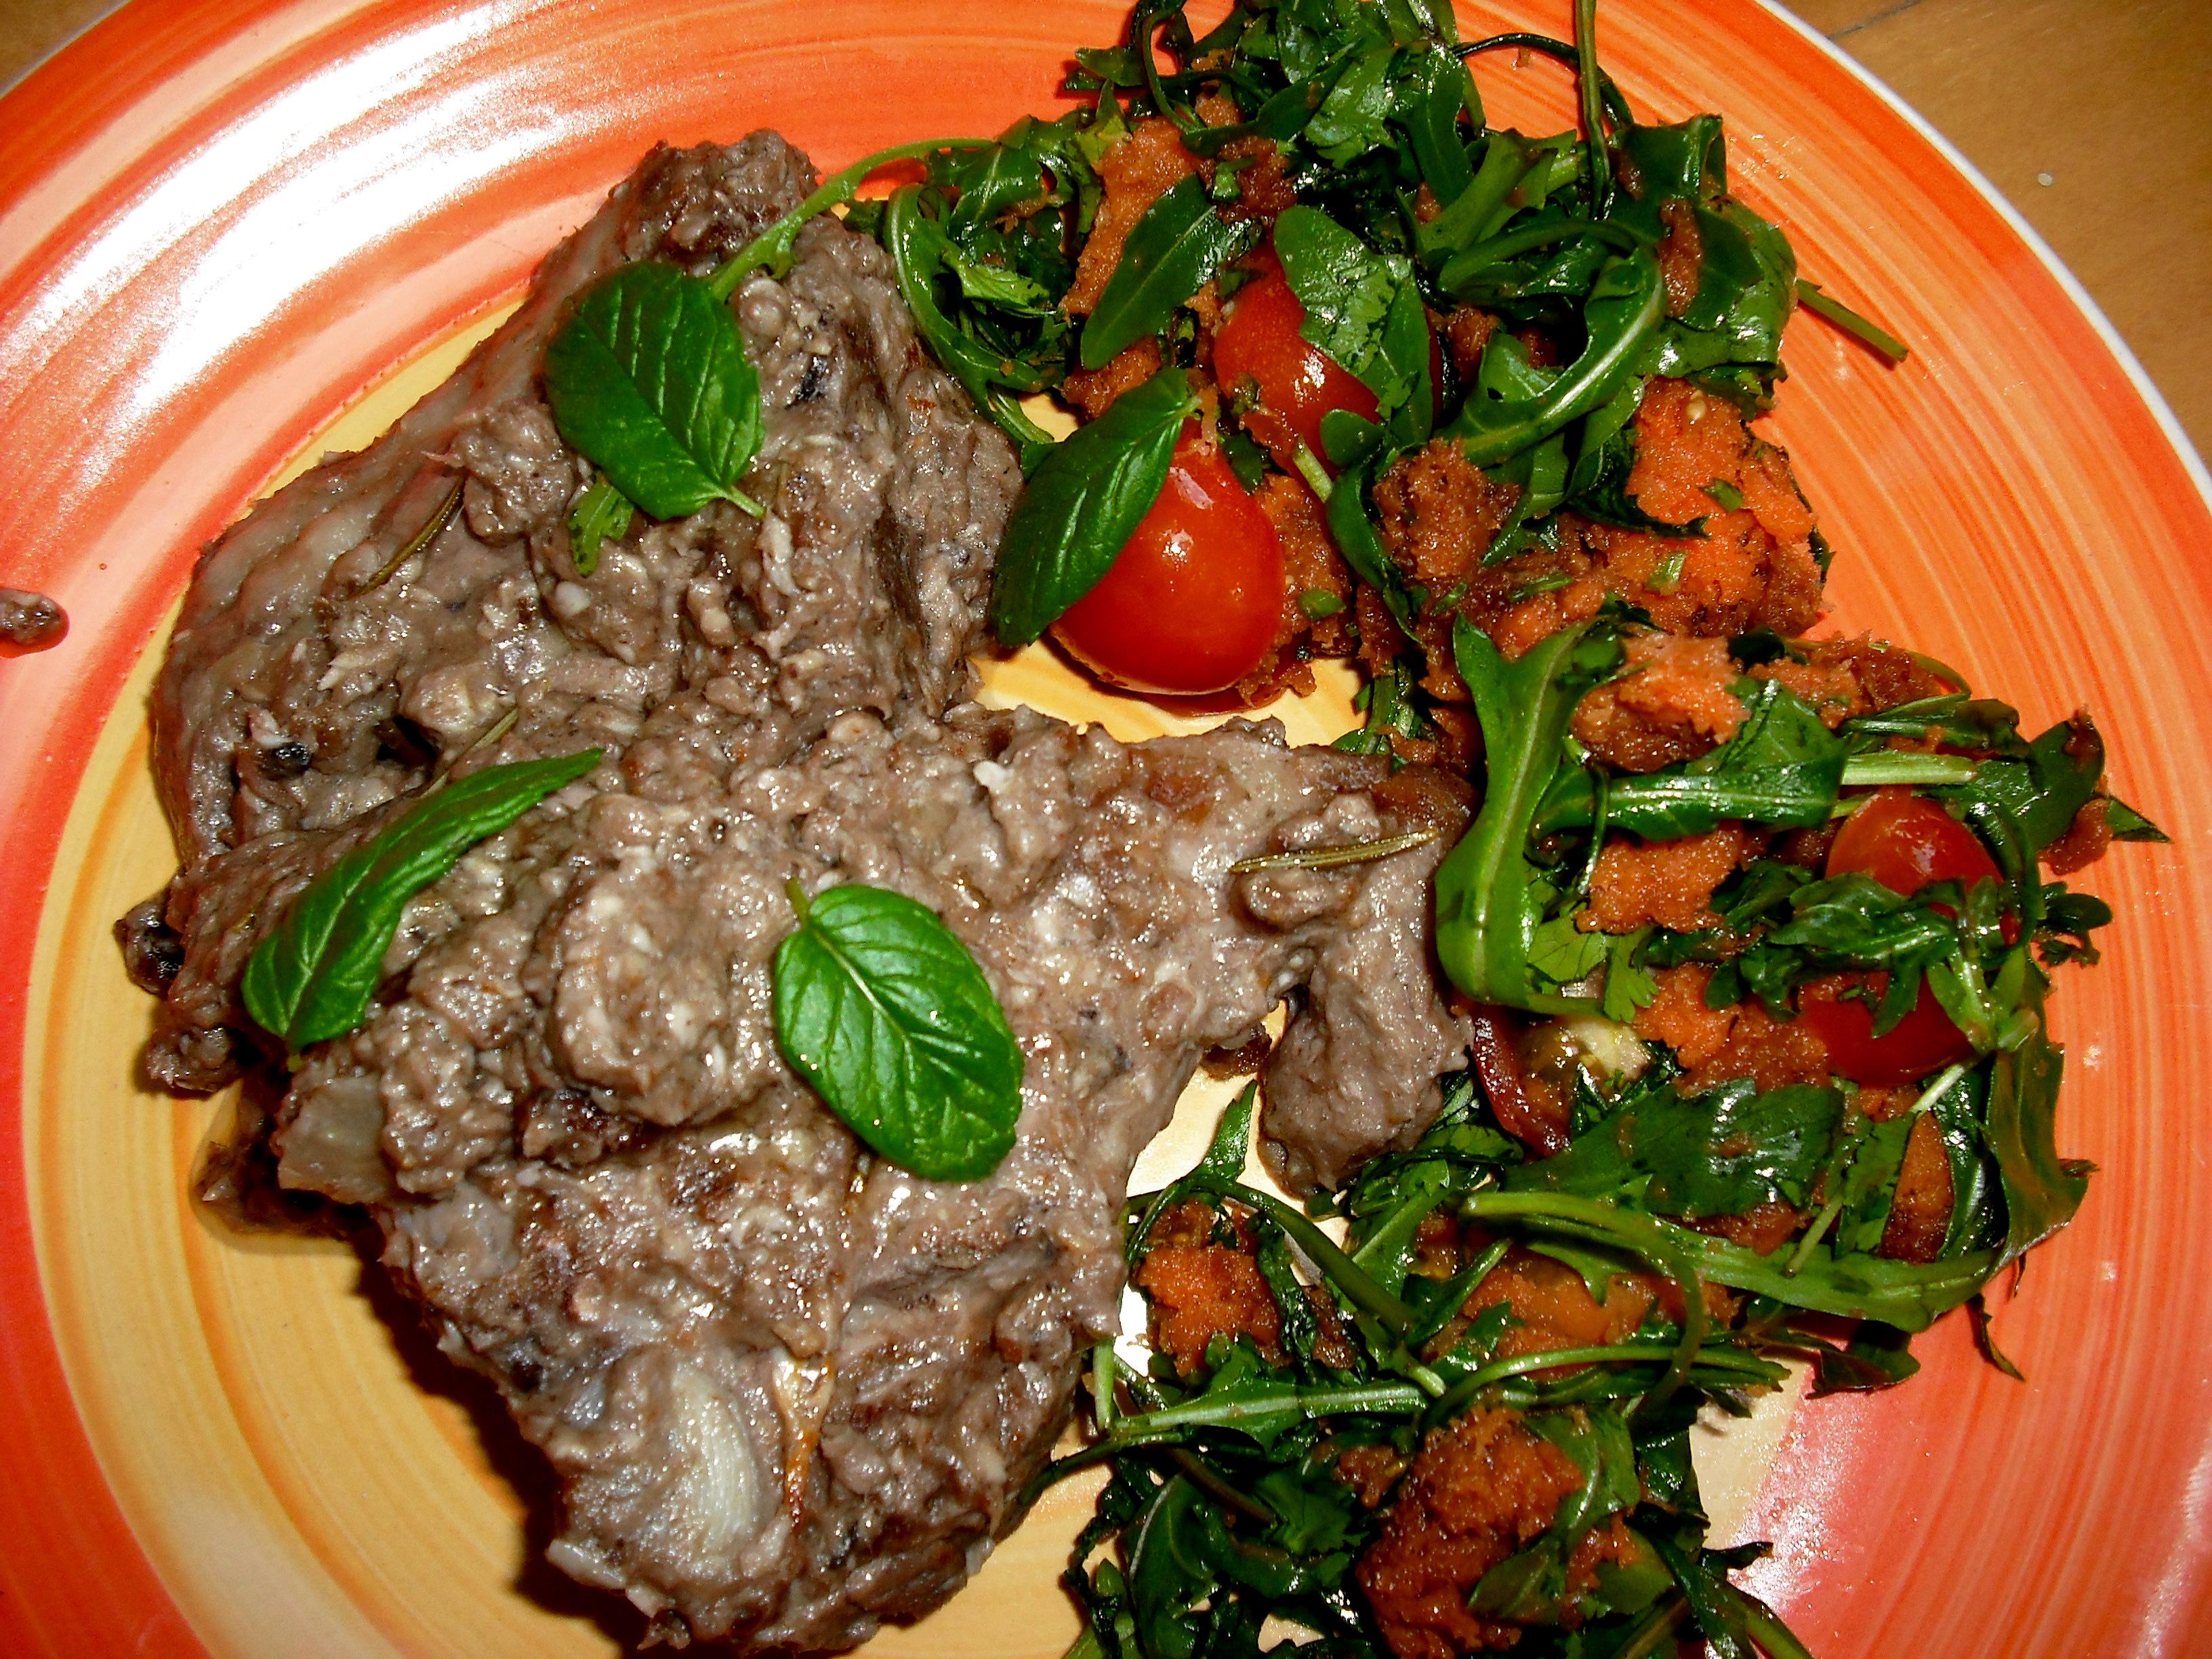 Secondi piatti la mucca pazza for Secondi piatti tipici romani